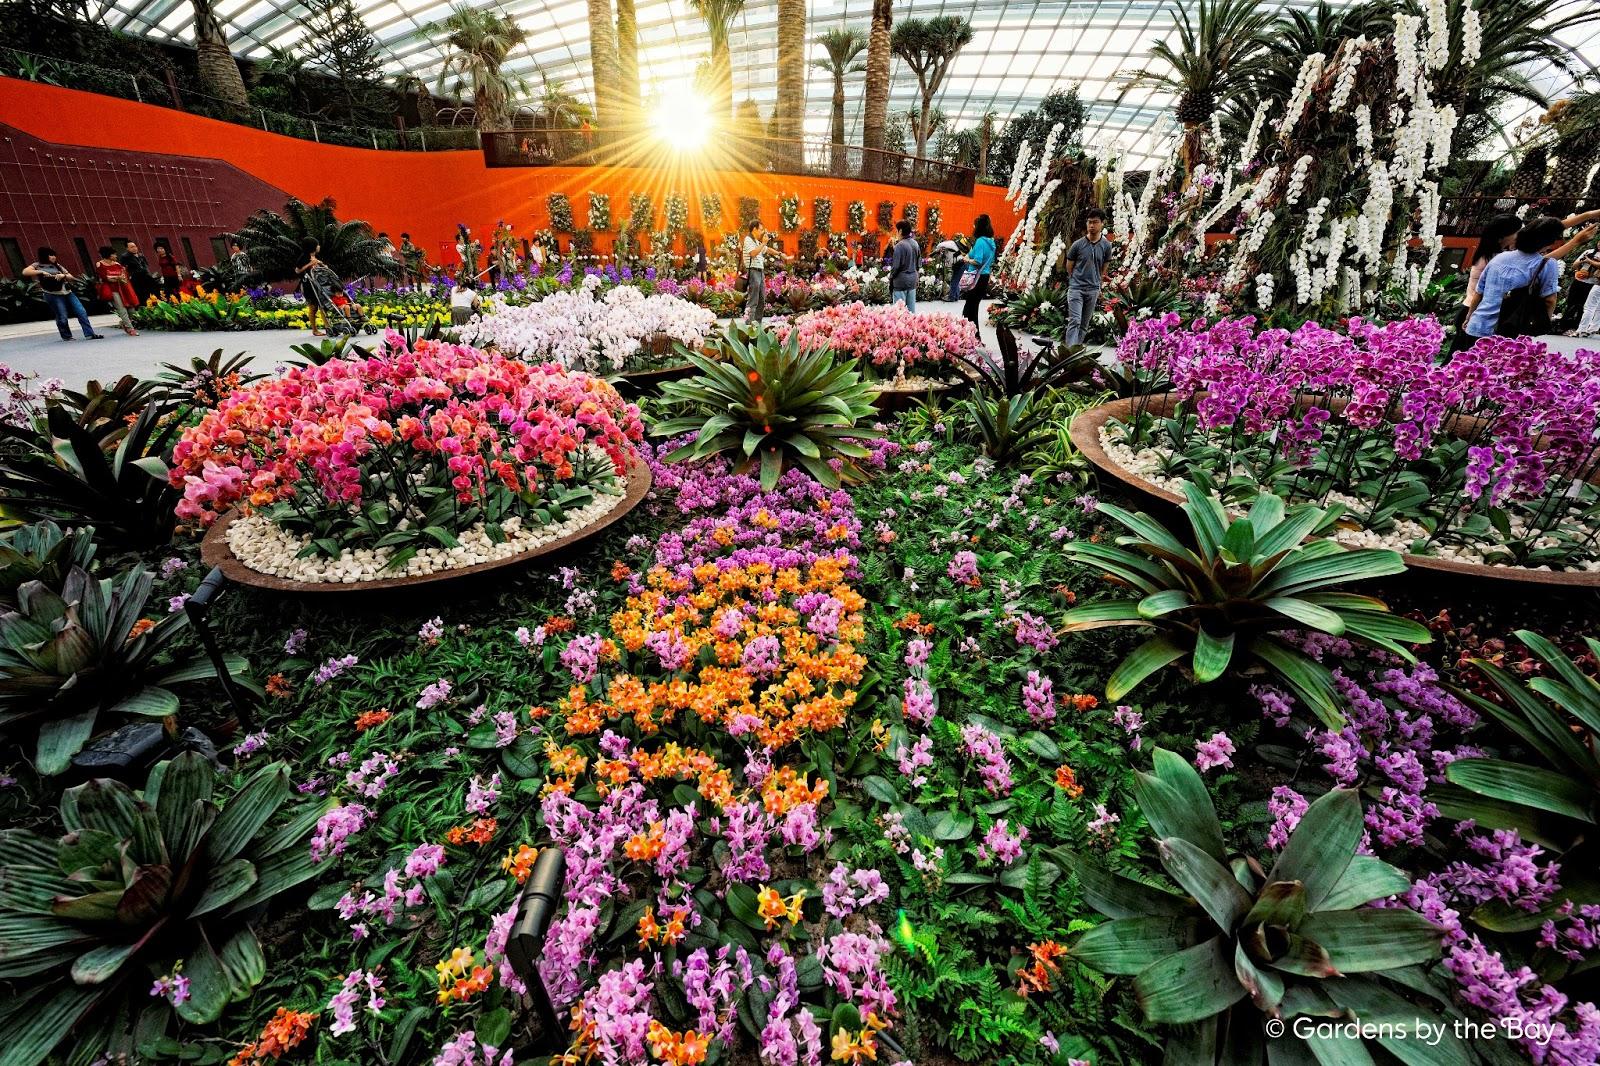 La Buena Vida Singapore In Photos Gardens By The Bay